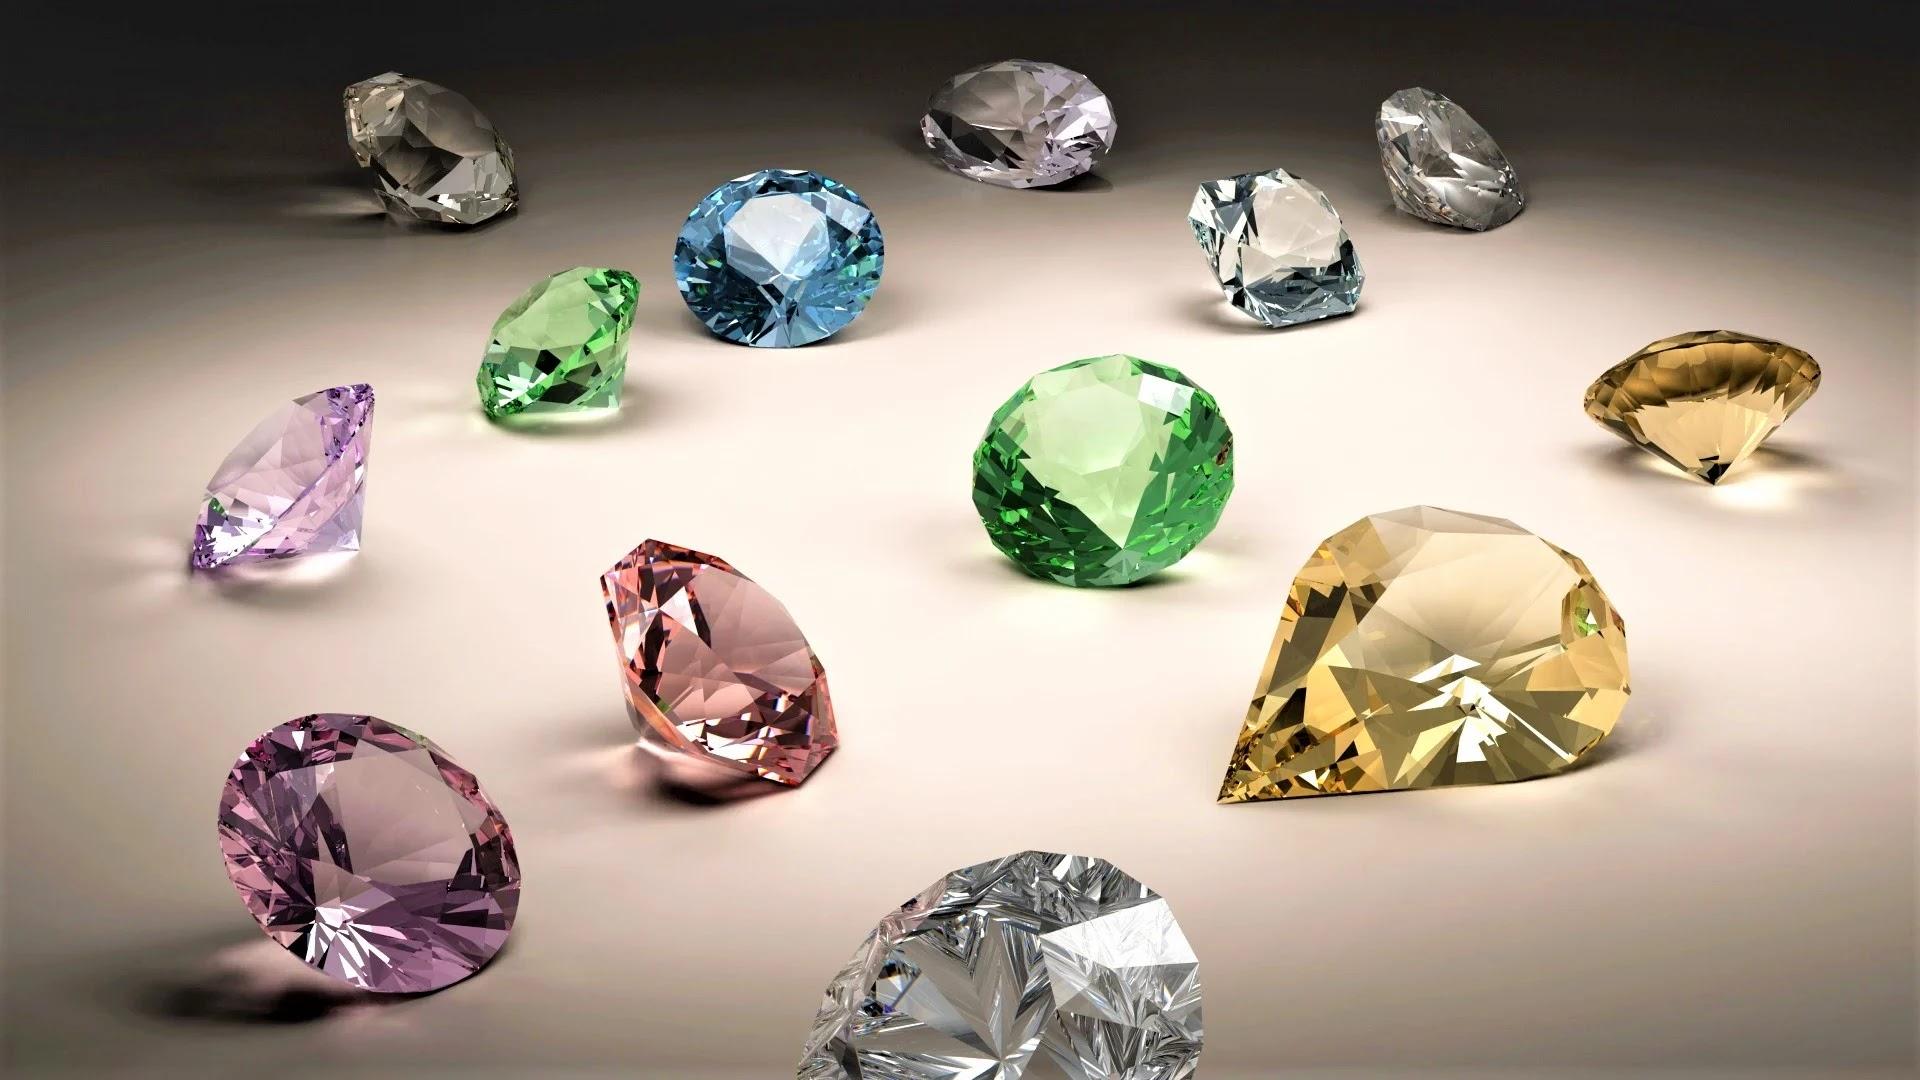 4c's of a diamond